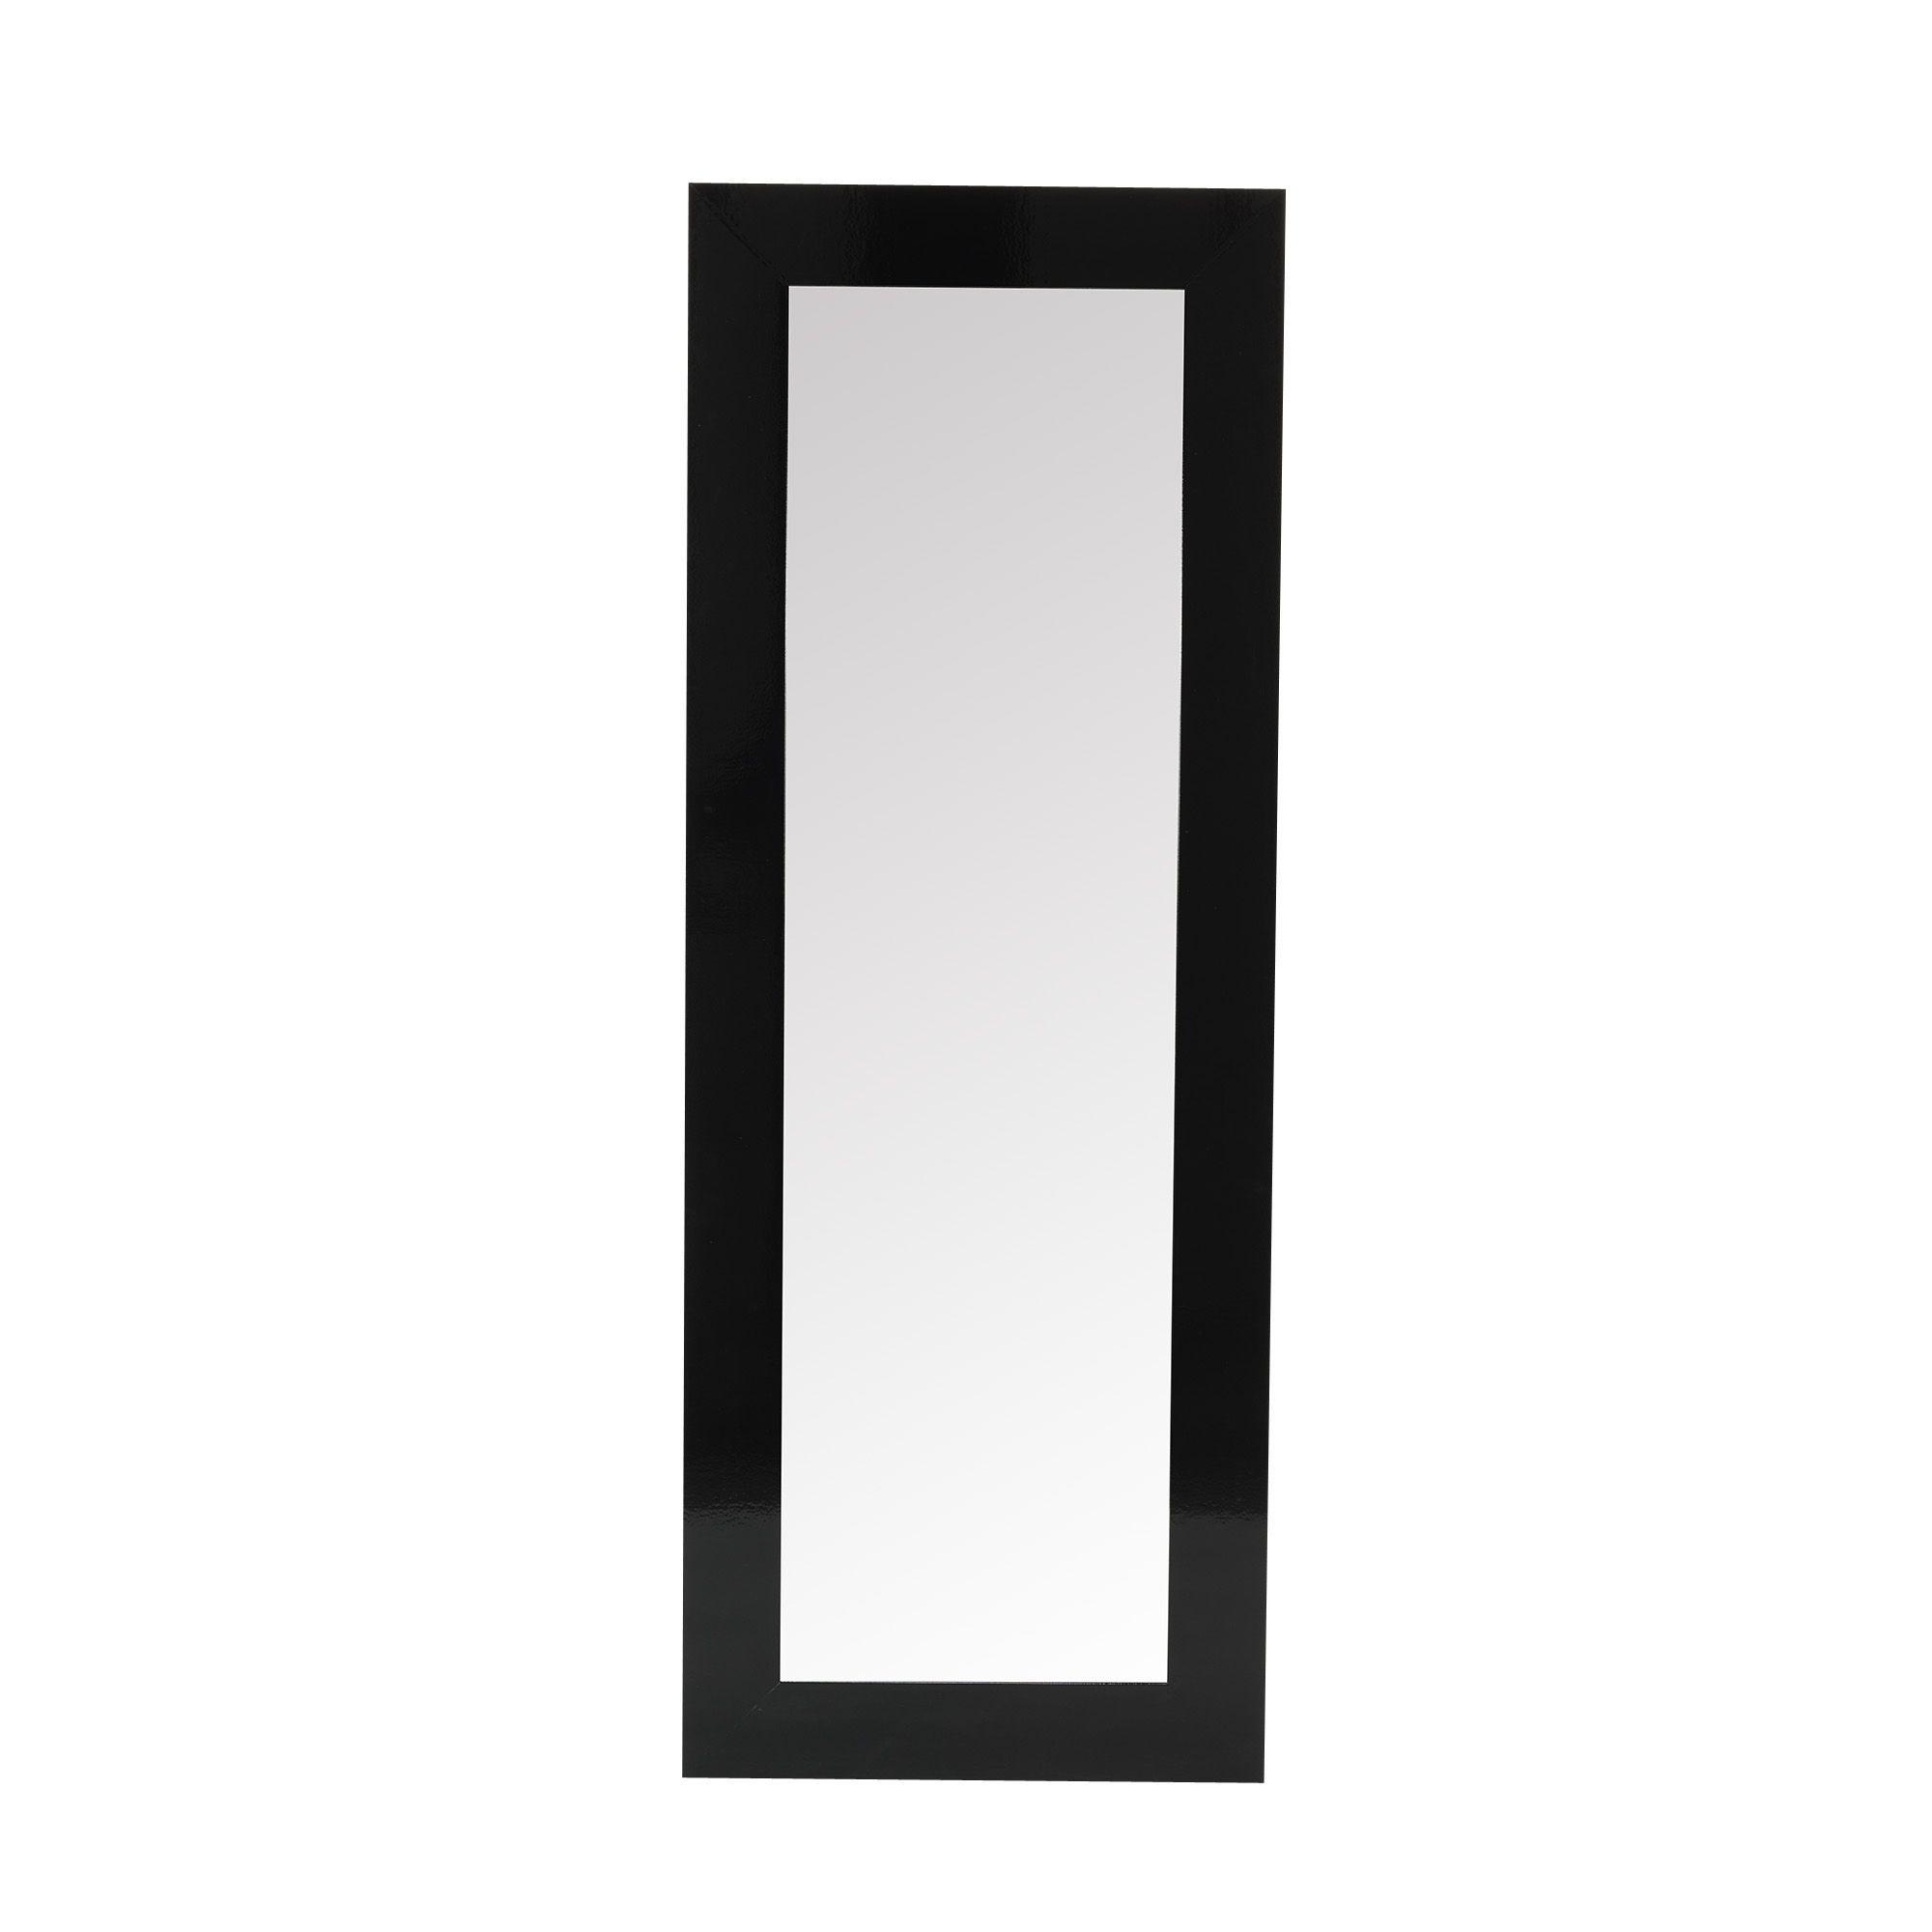 miroir 40x140cm large encadrement noir noir mira les miroirs vases et objets de d co. Black Bedroom Furniture Sets. Home Design Ideas